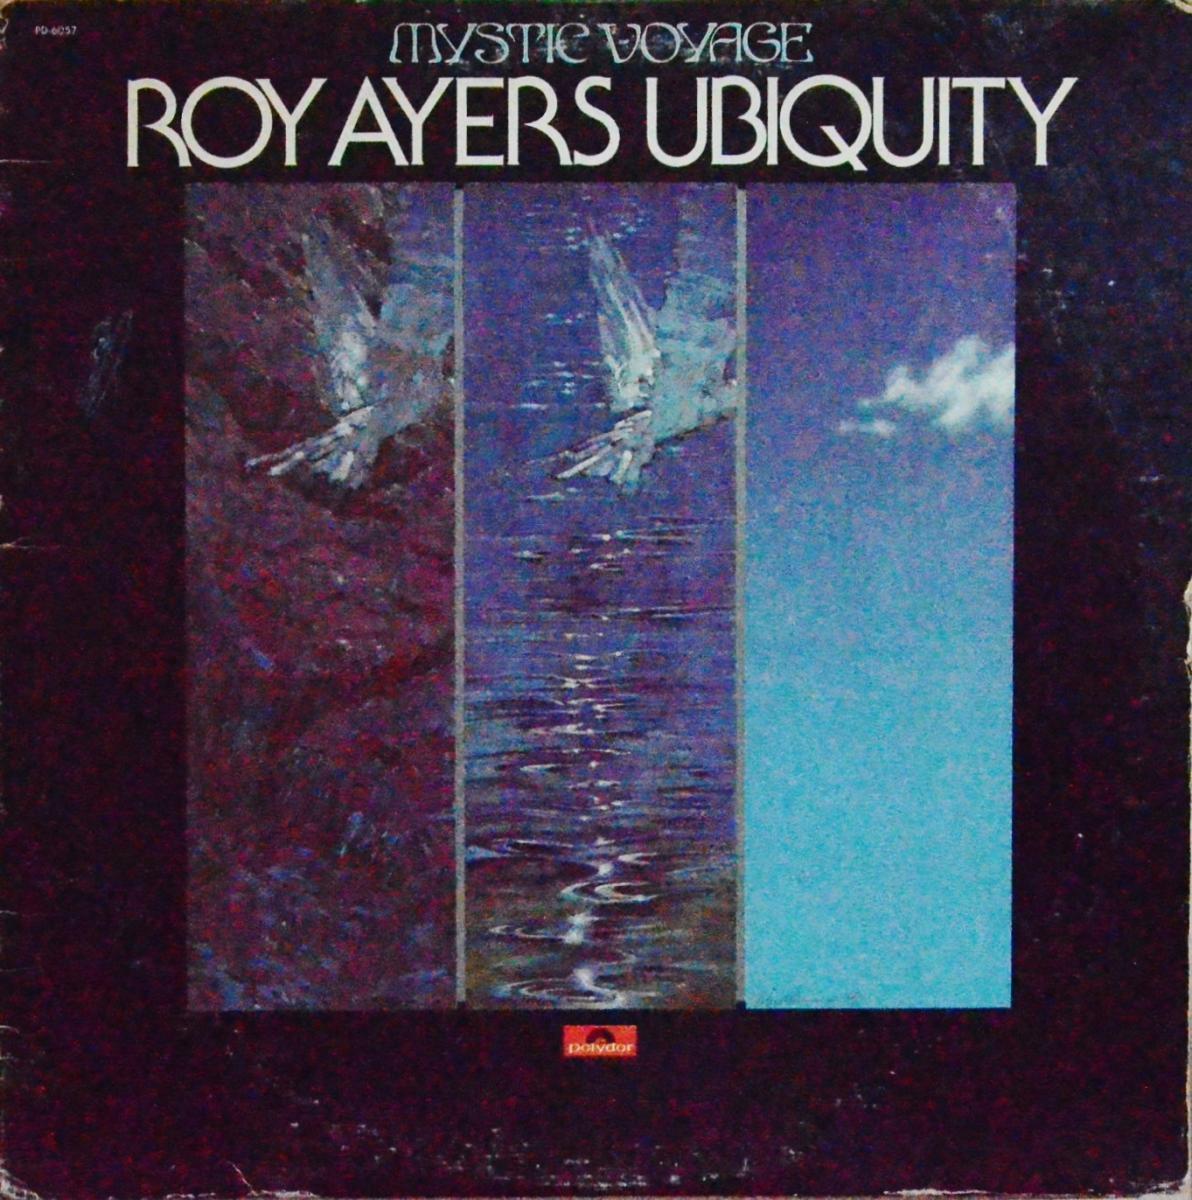 ROY AYERS UBIQUITY / MYSTIC VOYAGE (LP)